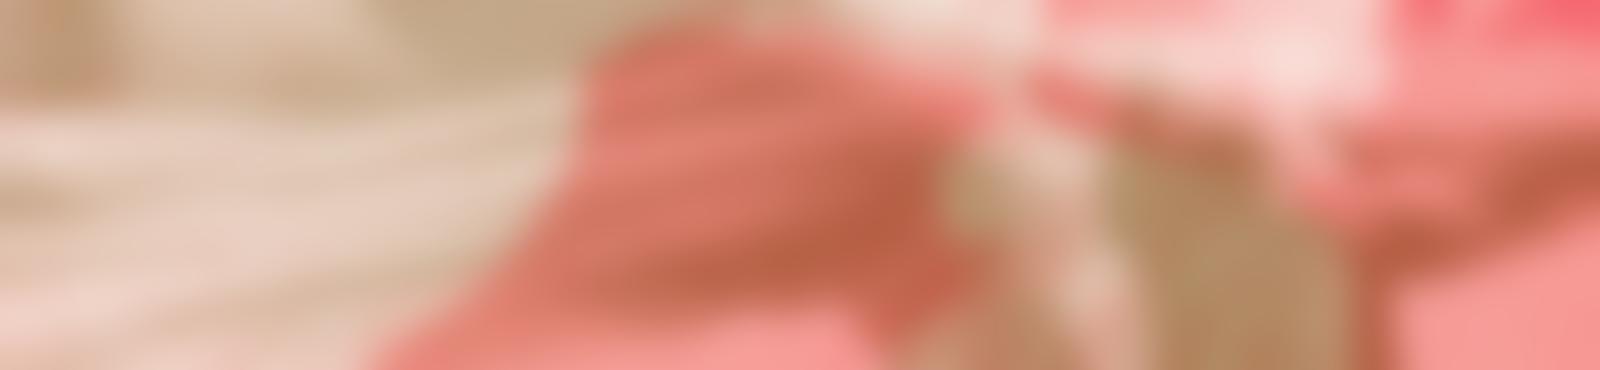 Blurred 7fbe3140 d76b 466f 91eb 700d867a3cdf